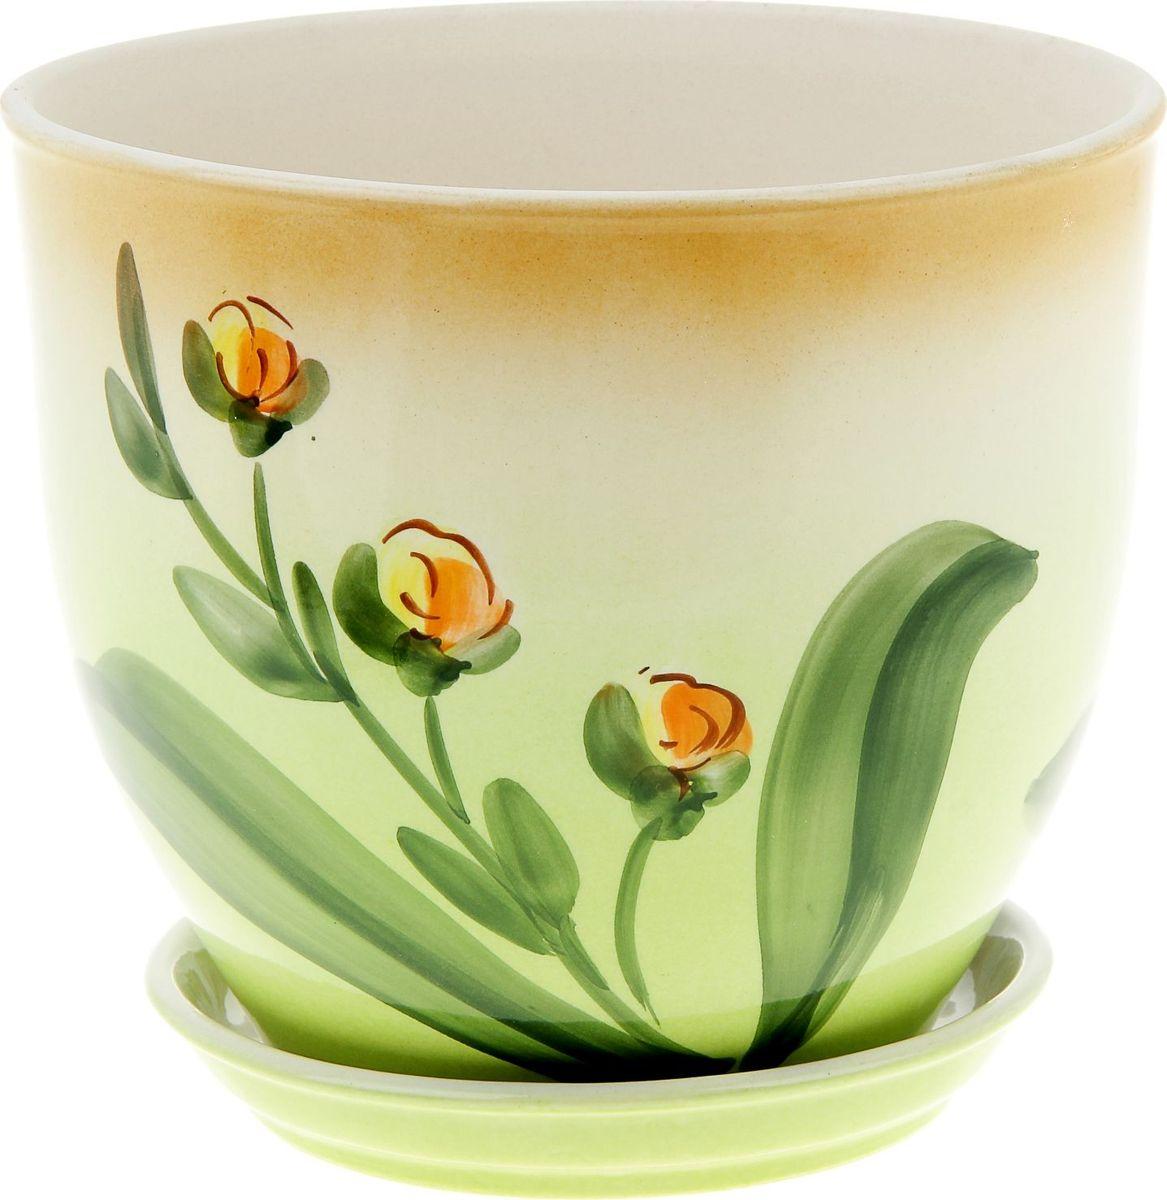 Кашпо Керамика ручной работы Виктор. Бутоны, 4 л835563Комнатные растения — всеобщие любимцы. Они радуют глаз, насыщают помещение кислородом и украшают пространство. Каждому из них необходим свой удобный и красивый дом. Кашпо из керамики прекрасно подходят для высадки растений: за счёт пластичности глины и разных способов обработки существует великое множество форм и дизайновпористый материал позволяет испаряться лишней влагевоздух, необходимый для дыхания корней, проникает сквозь керамические стенки! #name# позаботится о зелёном питомце, освежит интерьер и подчеркнёт его стиль.